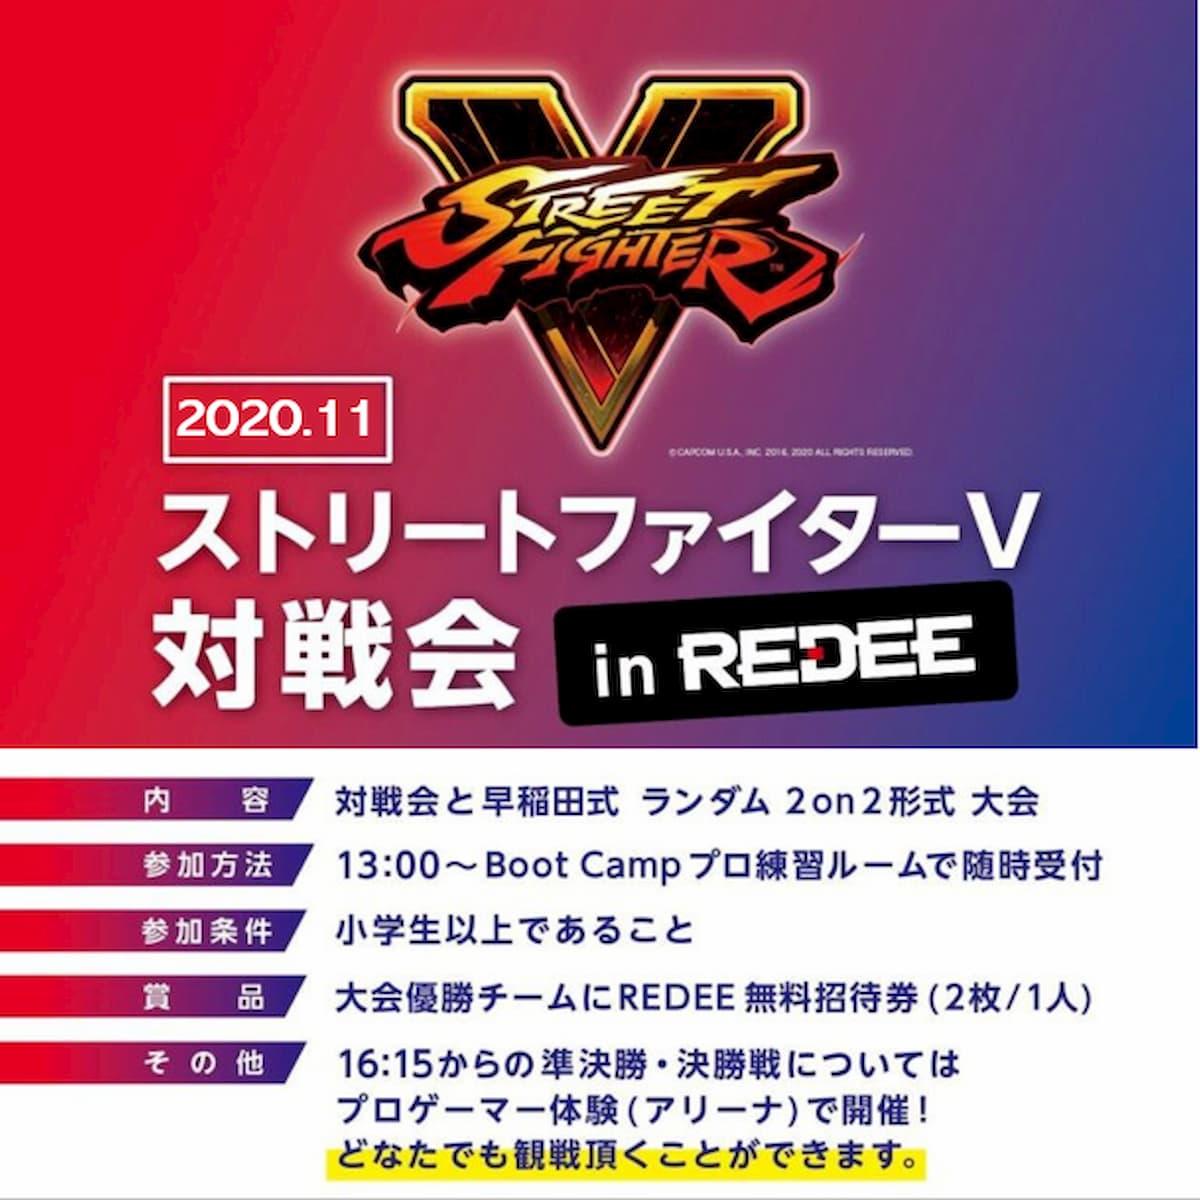 ストリートファイターV対戦会 in REDEE